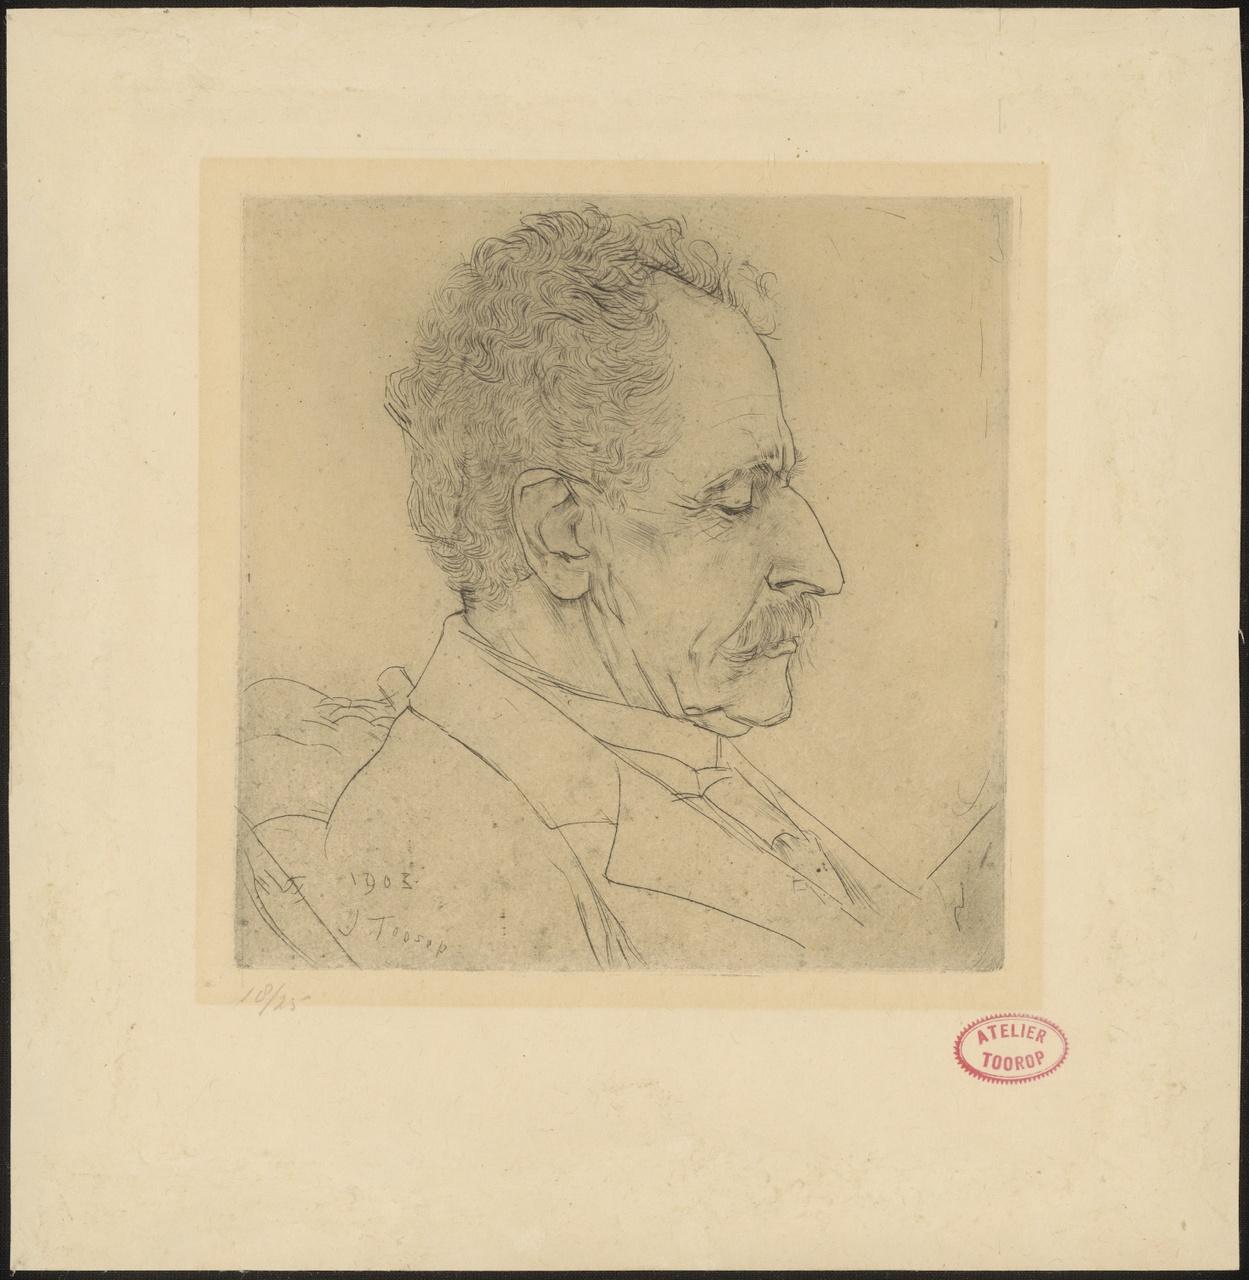 Generaal Drabbe (1839-1916), Jan Toorop